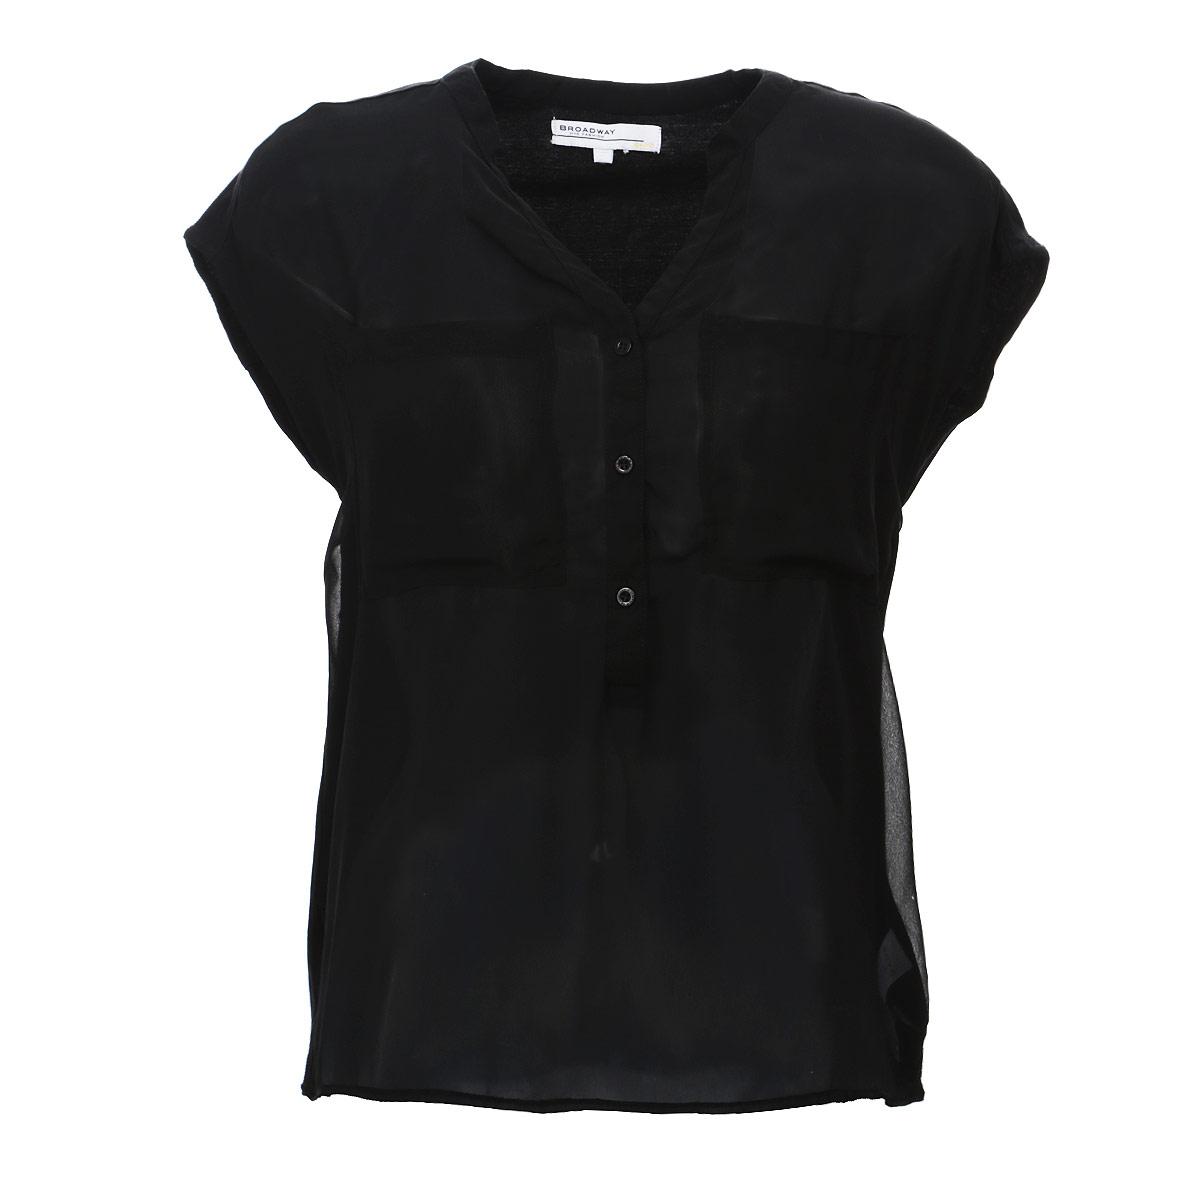 Блузка. 6010163060101630 00EСтильная блузка Broadway, выполненная из высококачественного материала, - находка для современной женщины, желающей выглядеть стильно и модно. Передняя часть блузки изготовлена из полупрозрачного полиэстера, спинка - из мягкого хлопка. Модель свободного кроя с короткими рукавами и V-образным вырезом горловины будет отлично на вас смотреться. Блузка на груди застегивается на три пуговицы и имеет два накладных кармашка. Спинка удлиненная. Такая модель, несомненно, вам понравится и послужит отличным дополнением к вашему гардеробу.